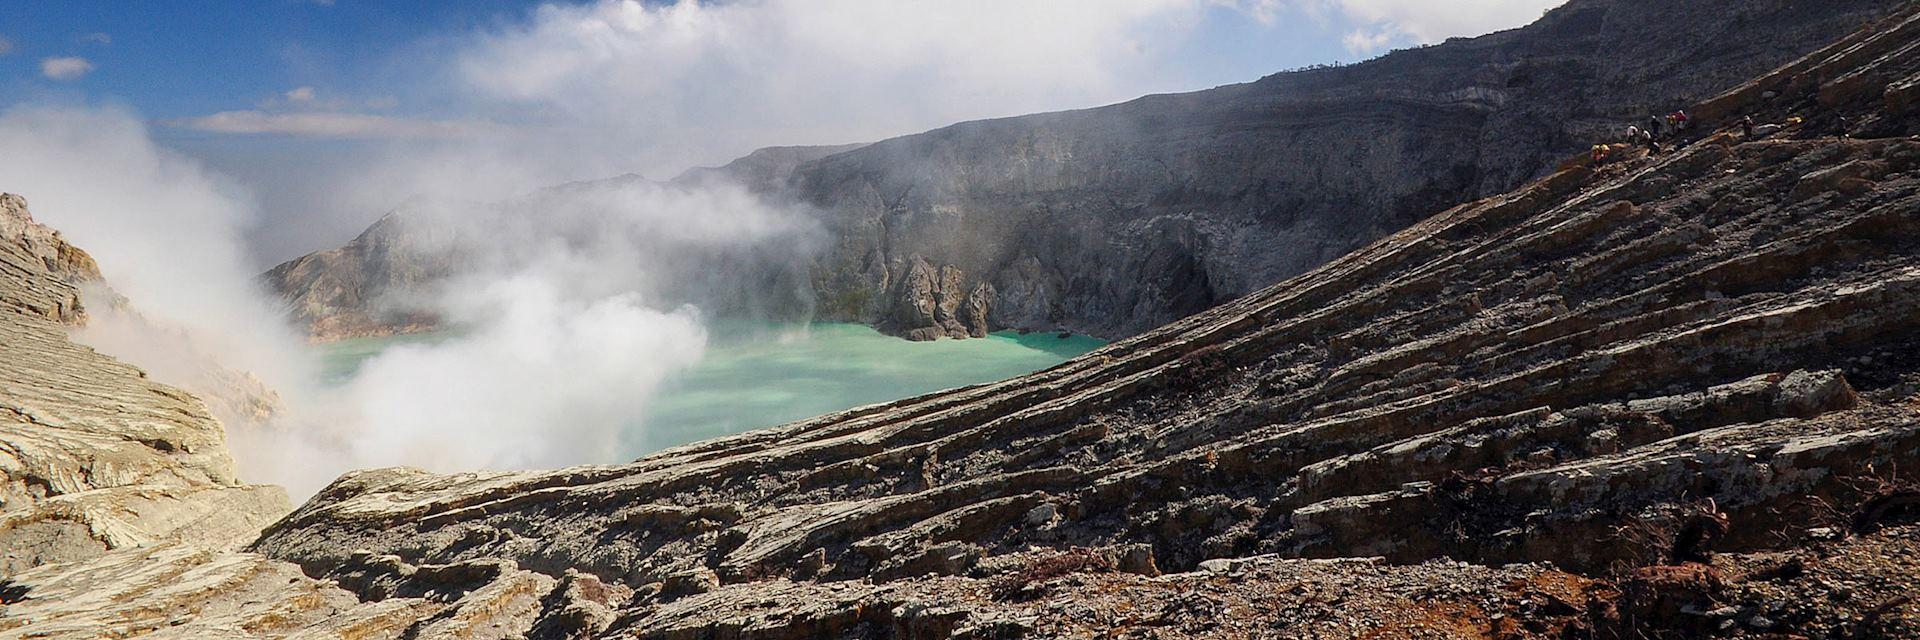 Ijen National Park